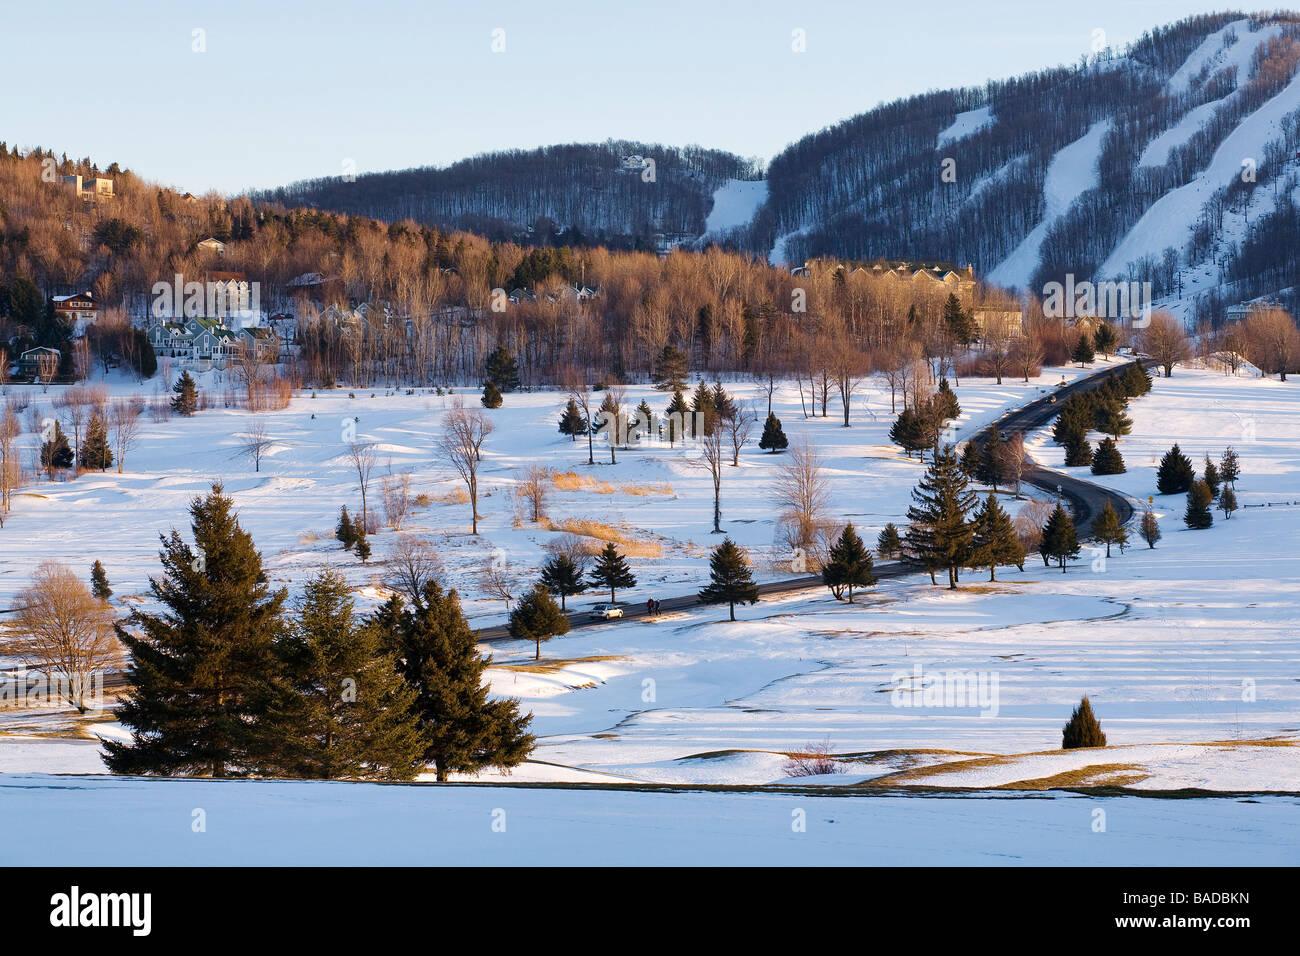 canada, quebec province, estrie region, bromont, ski resort, road